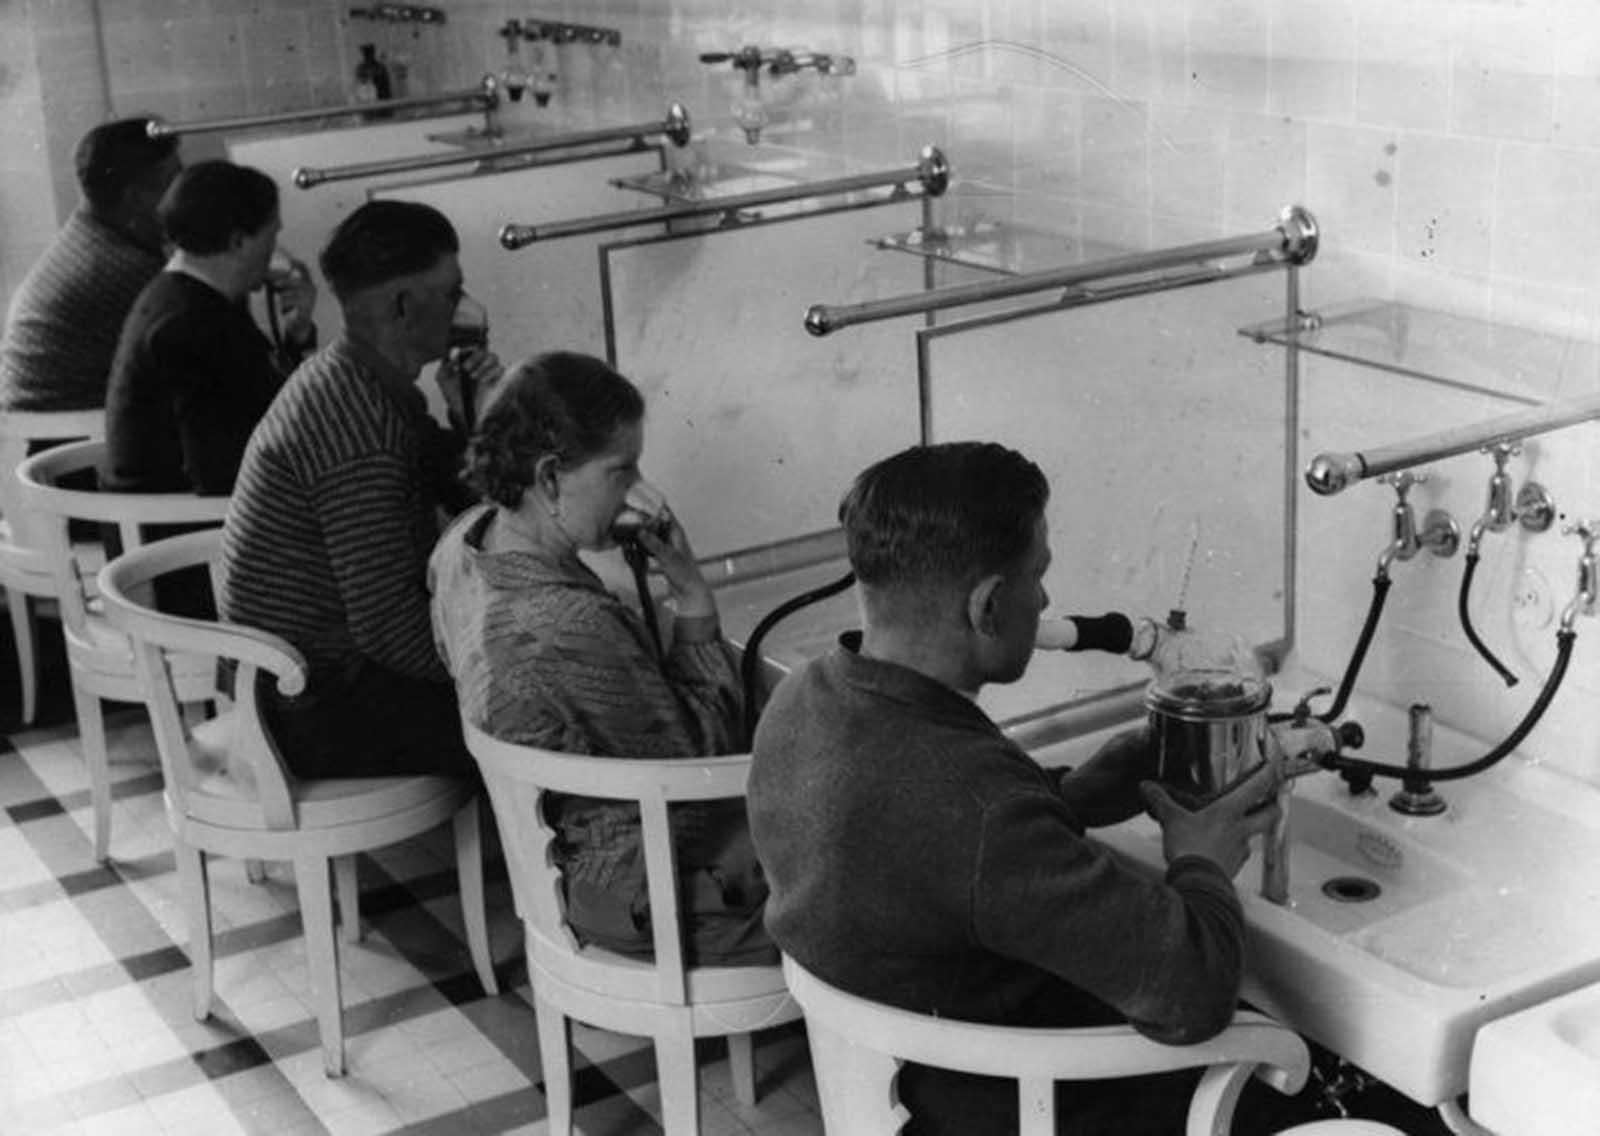 Pacientes en un hospital en Alemania que inhalan medicamentos en polvo como el mentol y el eucalipto para curar enfermedades respiratorias, alrededor de 1930.